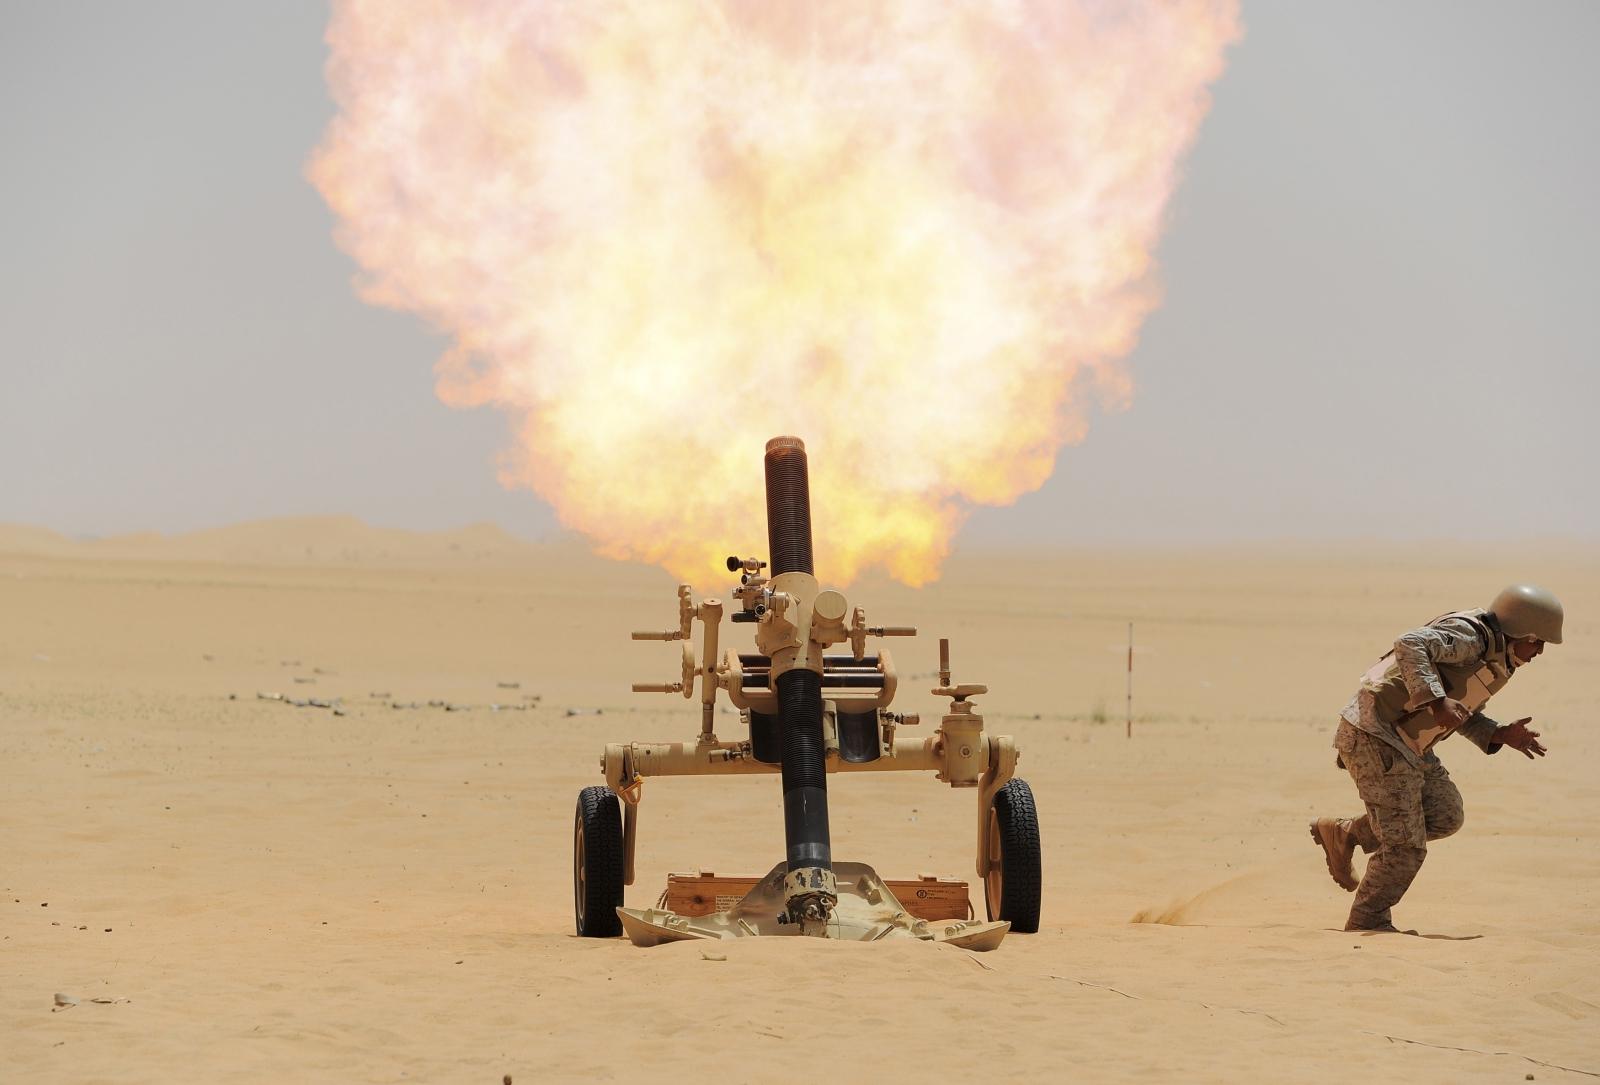 Saudi Yemen border clashes